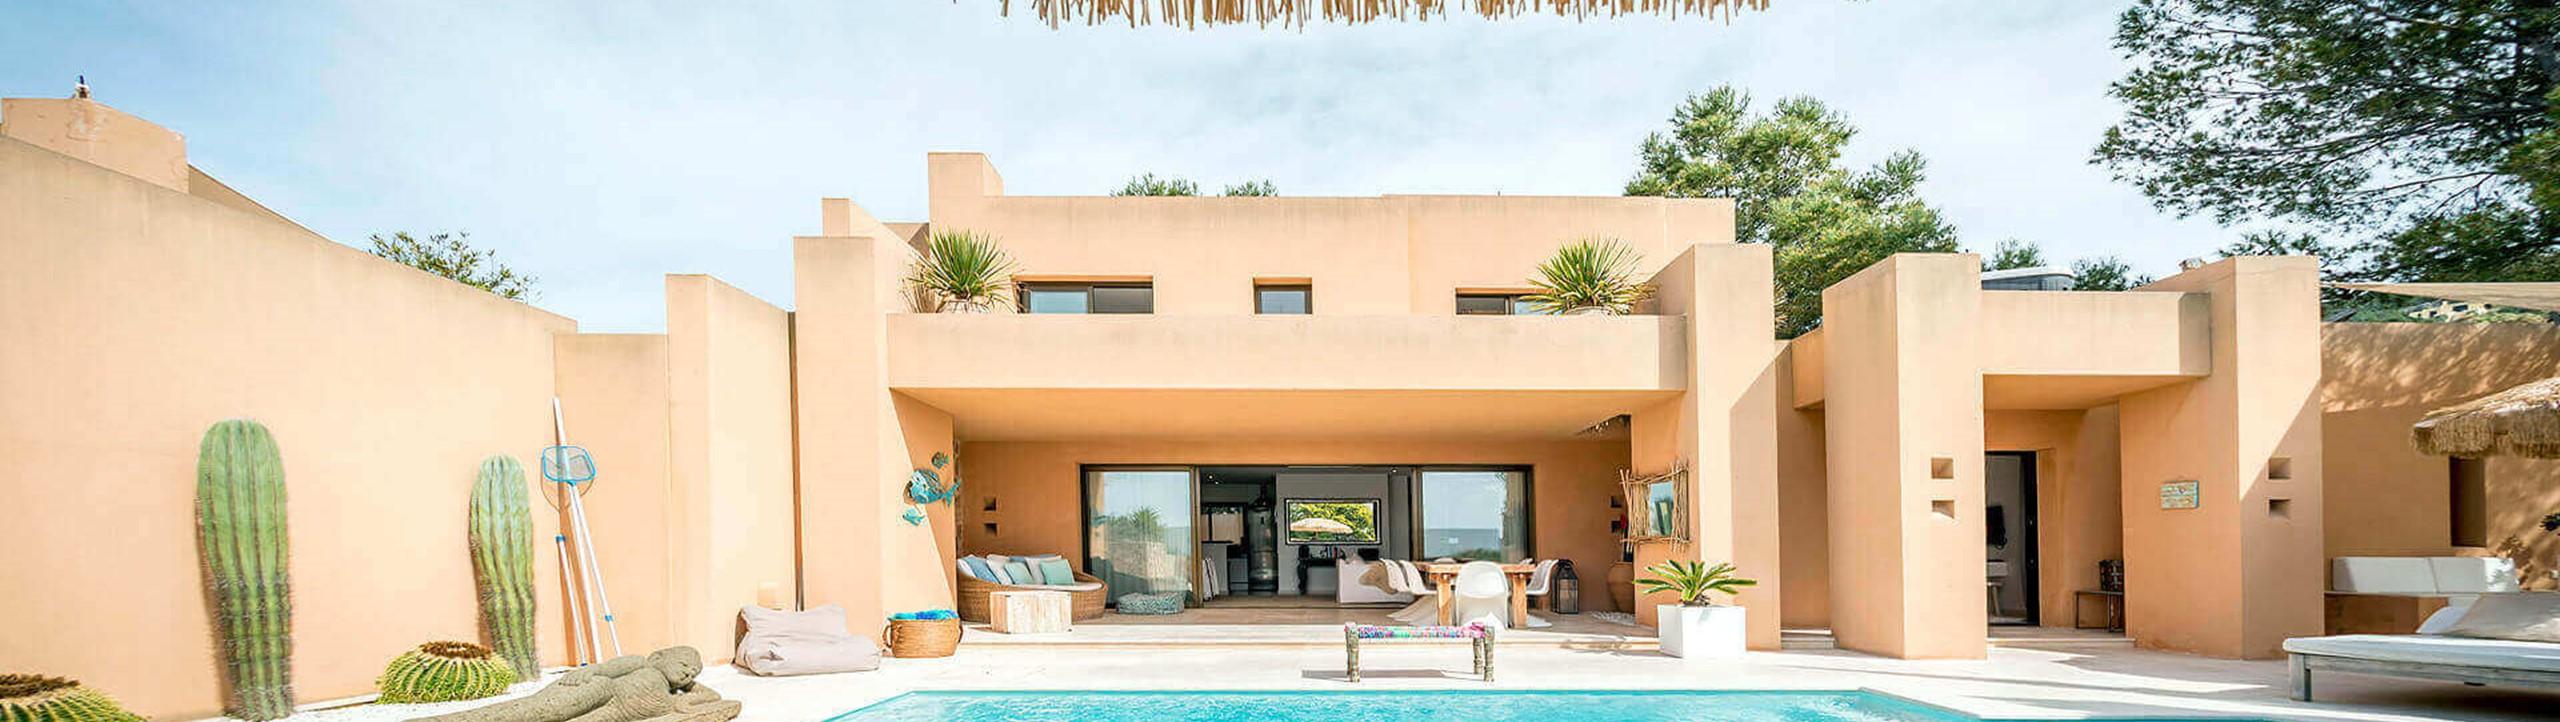 La Villa Ibiza 1 Calo Den Real